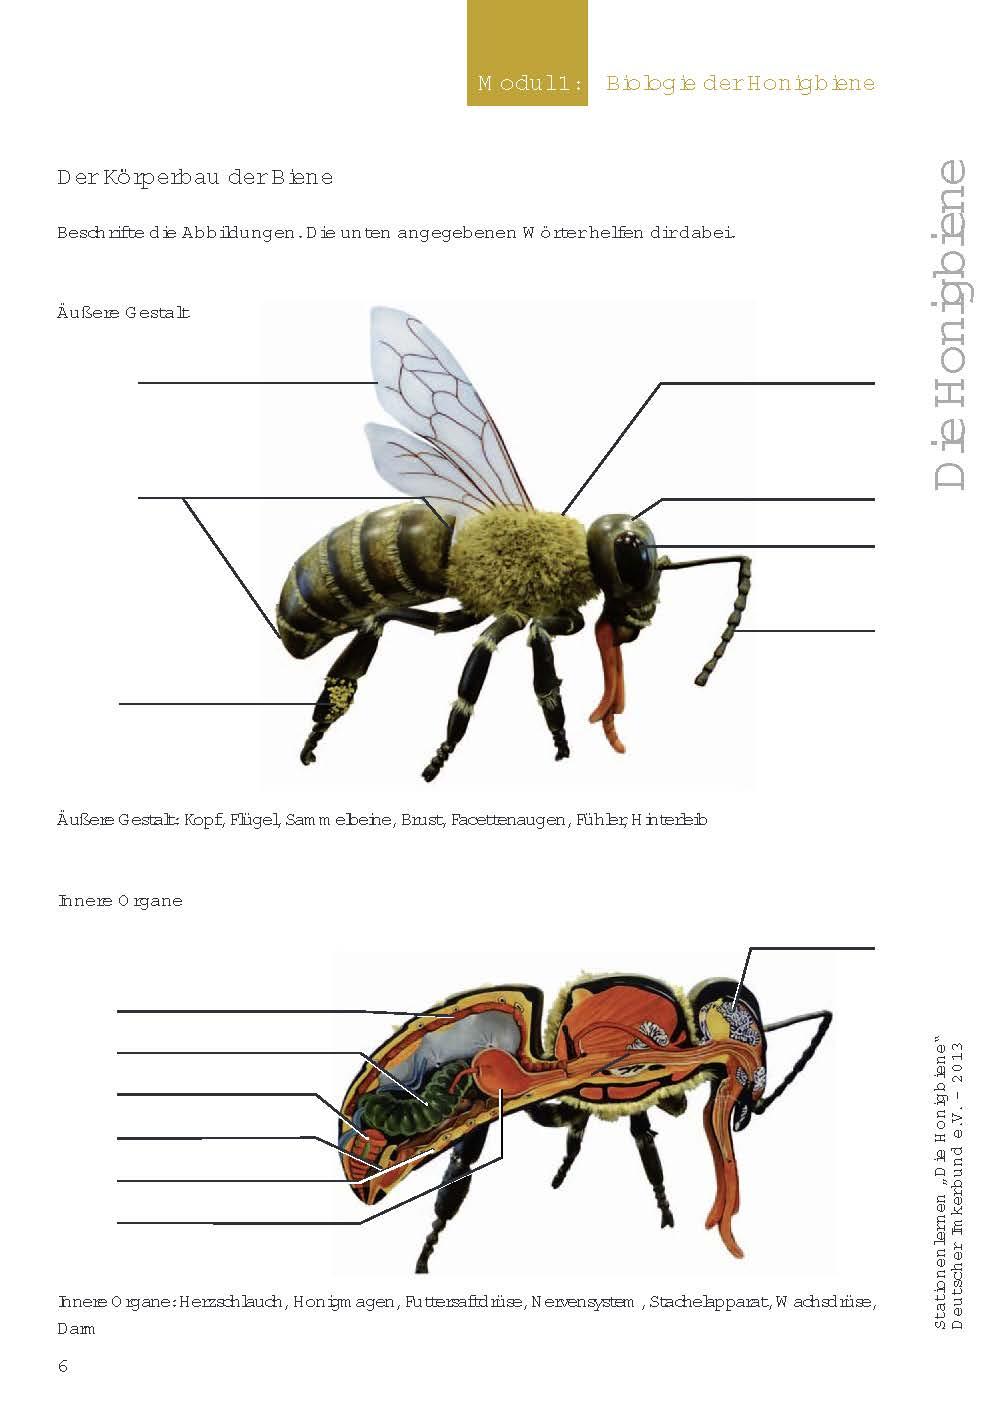 Groß Süße Honigbiene Malvorlagen Galerie - Malvorlagen Von Tieren ...